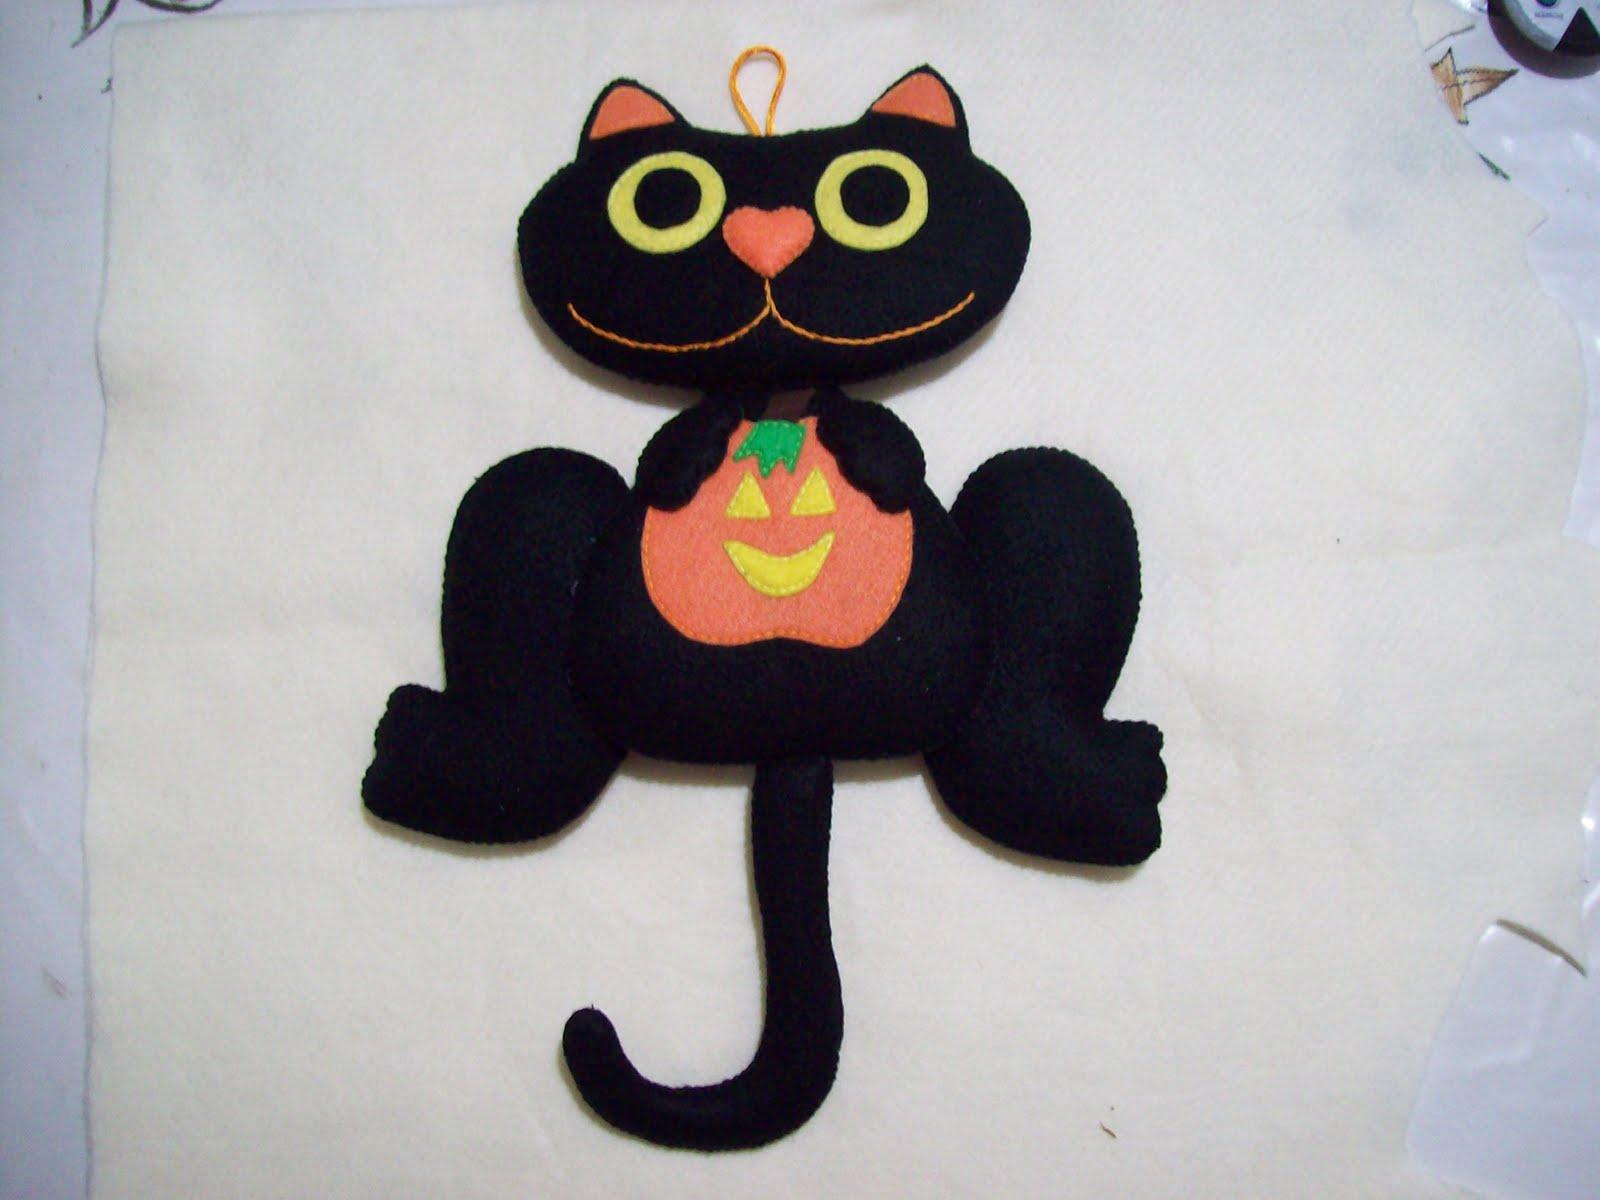 Shexeldetallitos blog de manualidades temporada de halloween - Manualidades halloween faciles para ninos ...